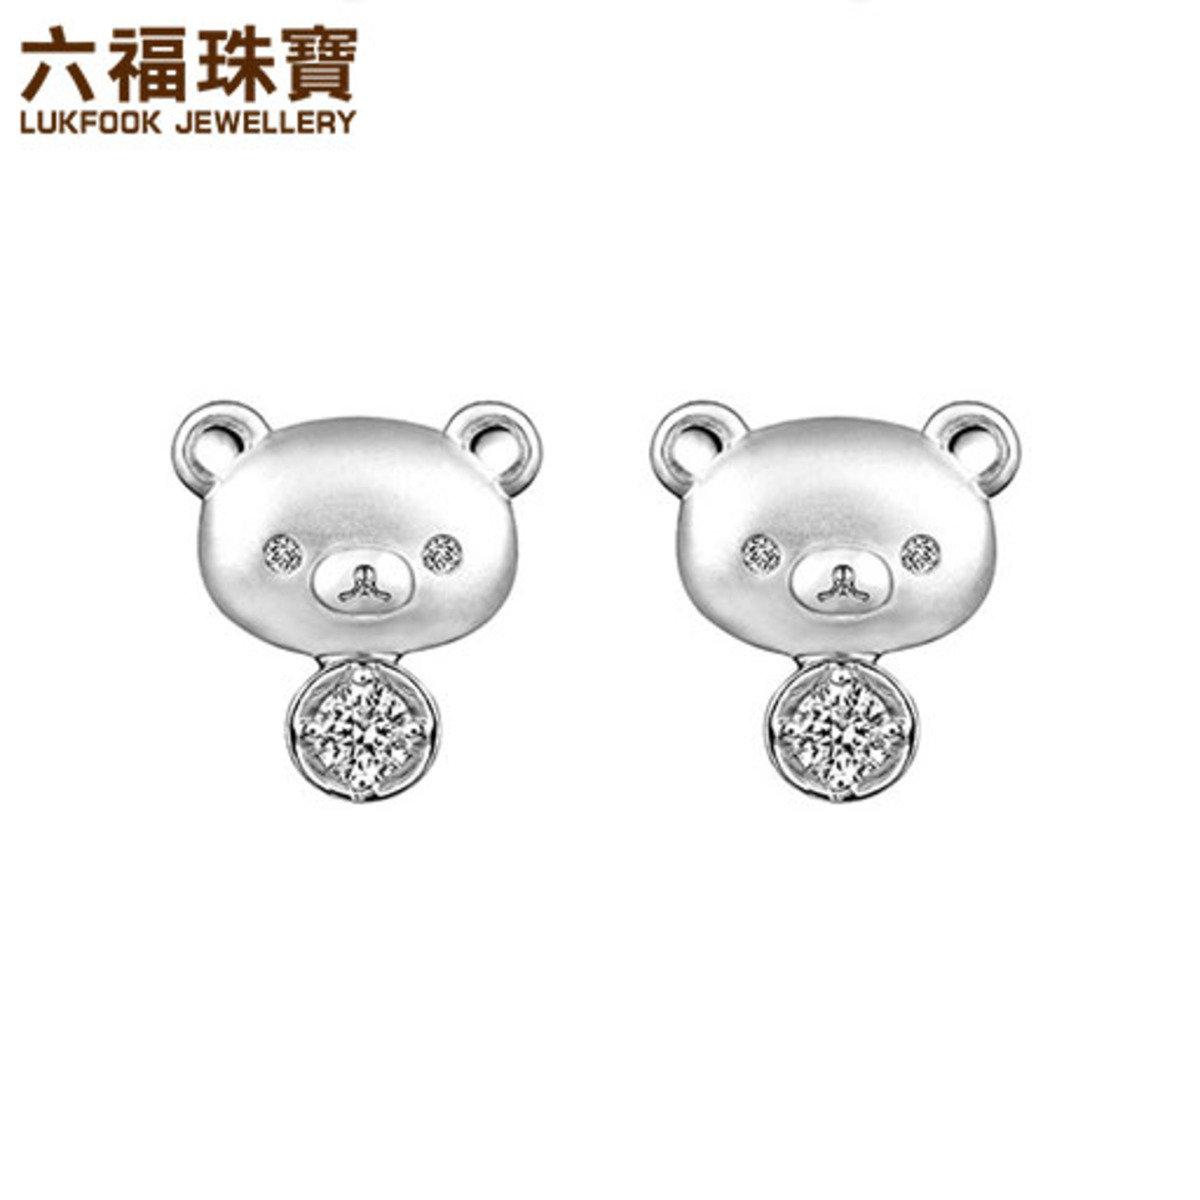 輕鬆小熊™ 18K白色黃金鑽石耳環